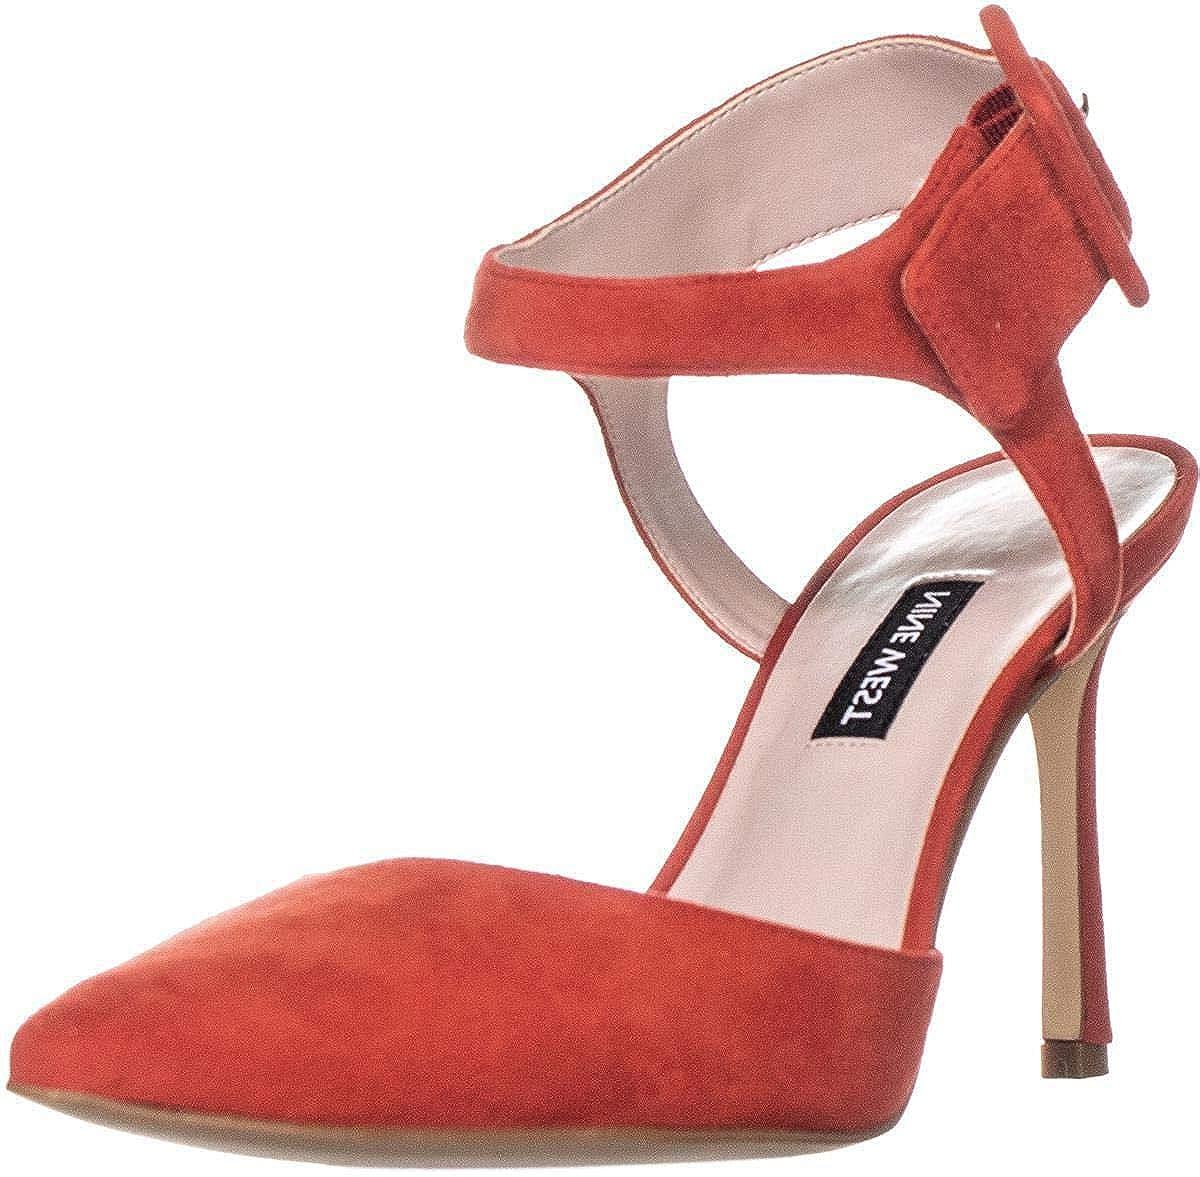 Womens Elisabeti Leather Pointed Toe